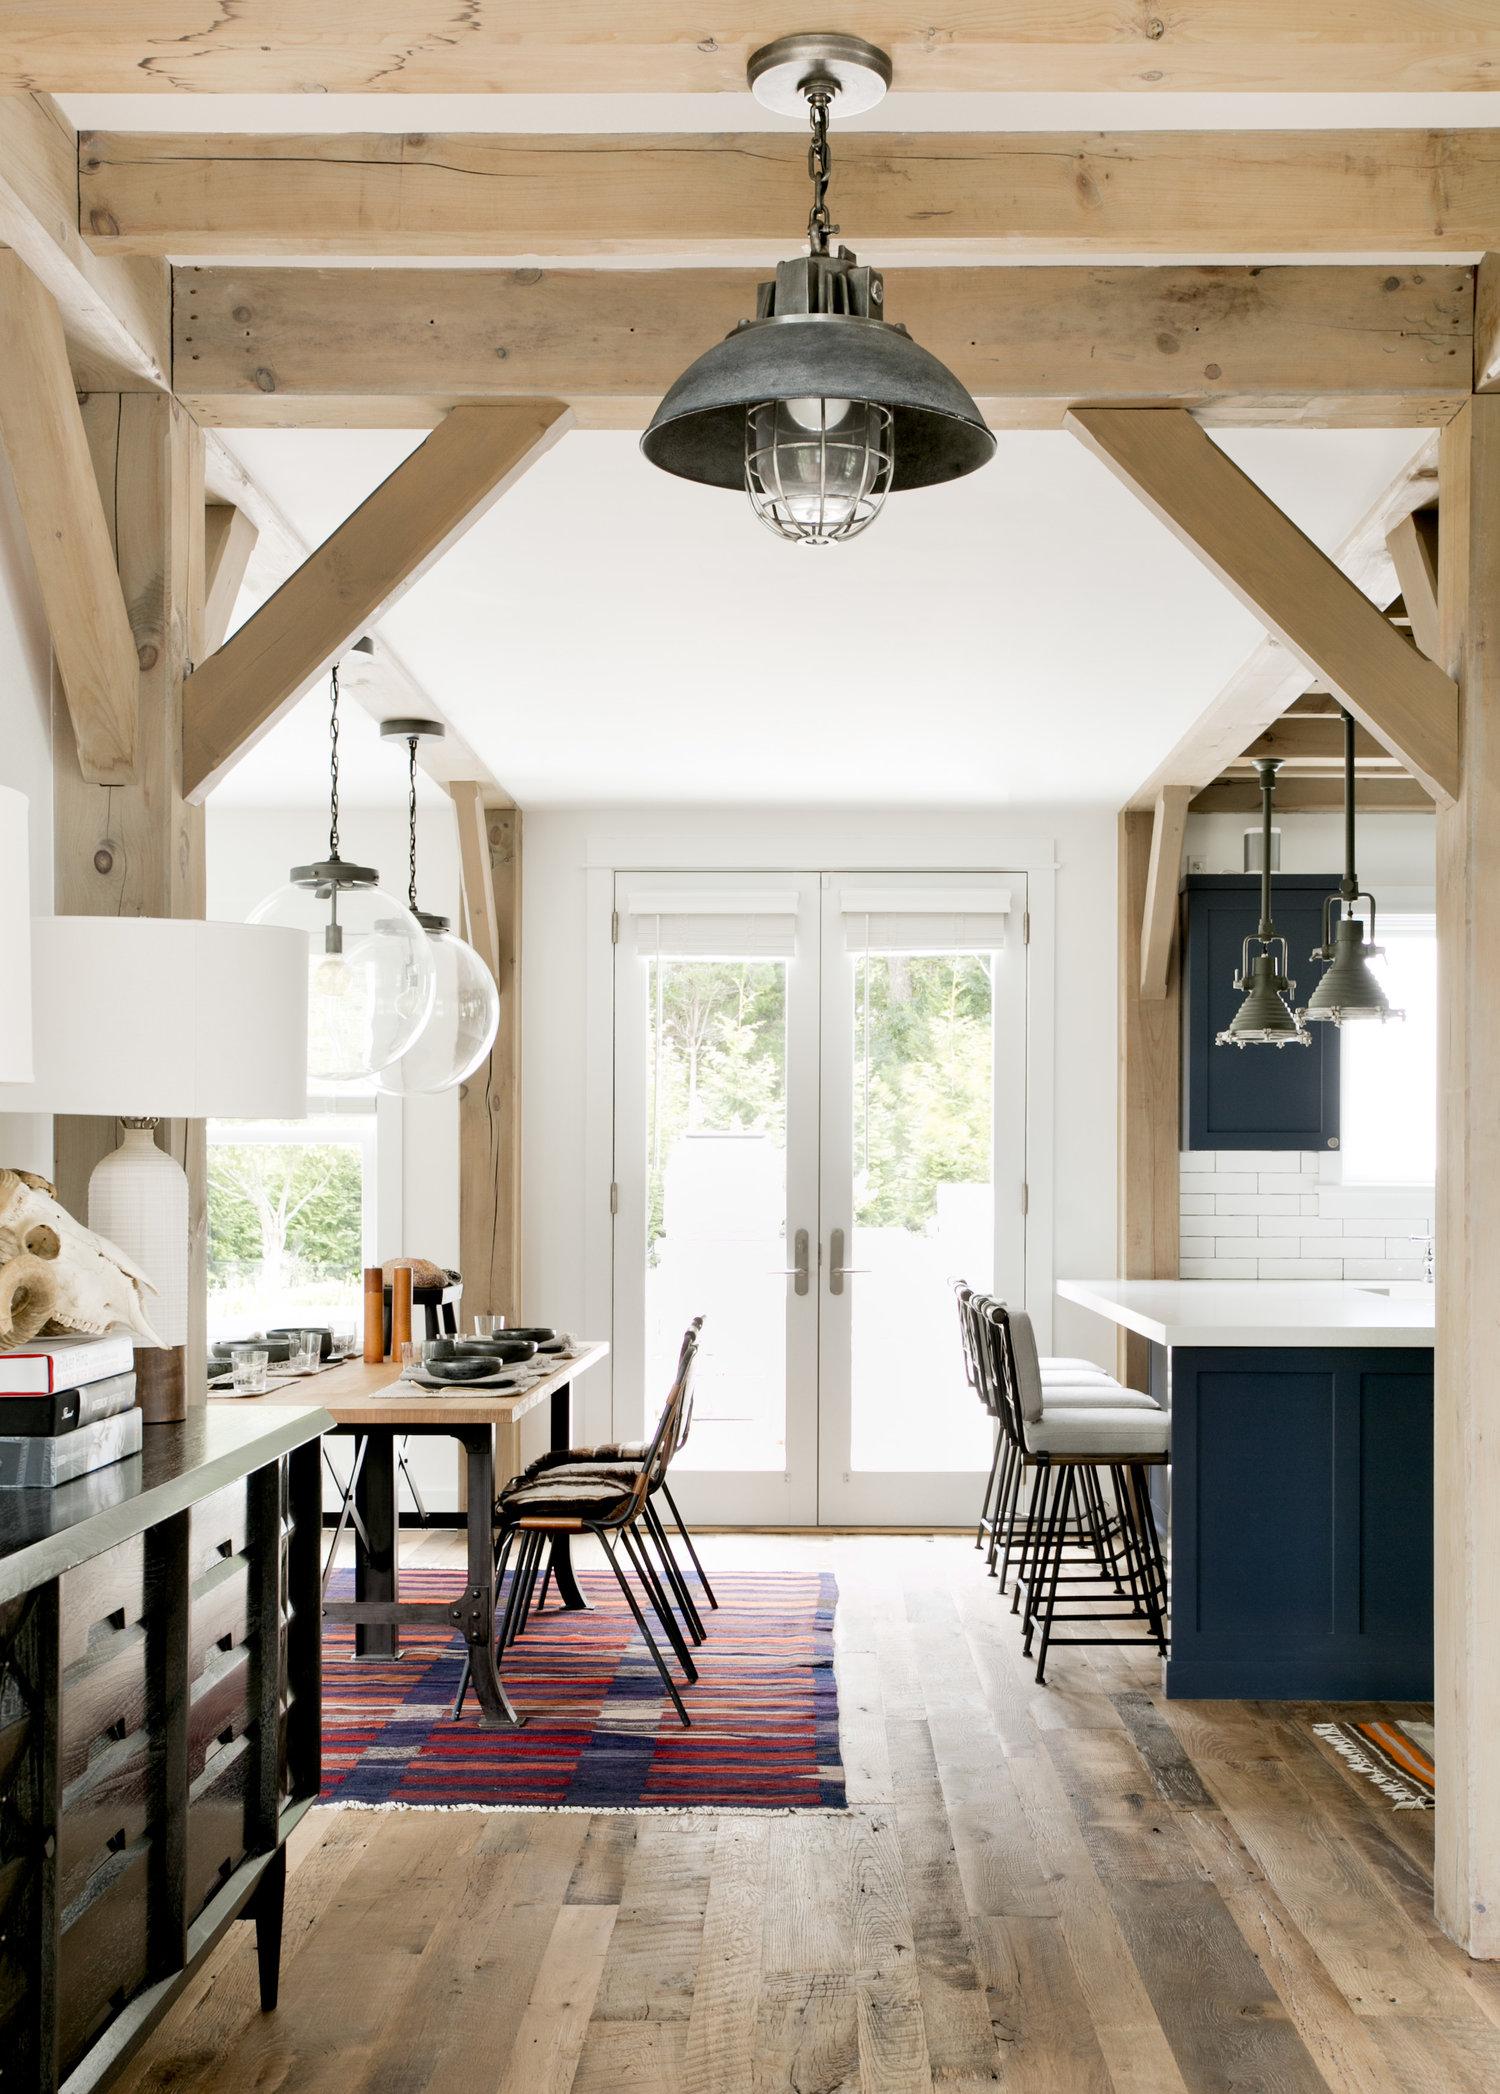 потолок балки дерево светильник кухня столовая барные стулья